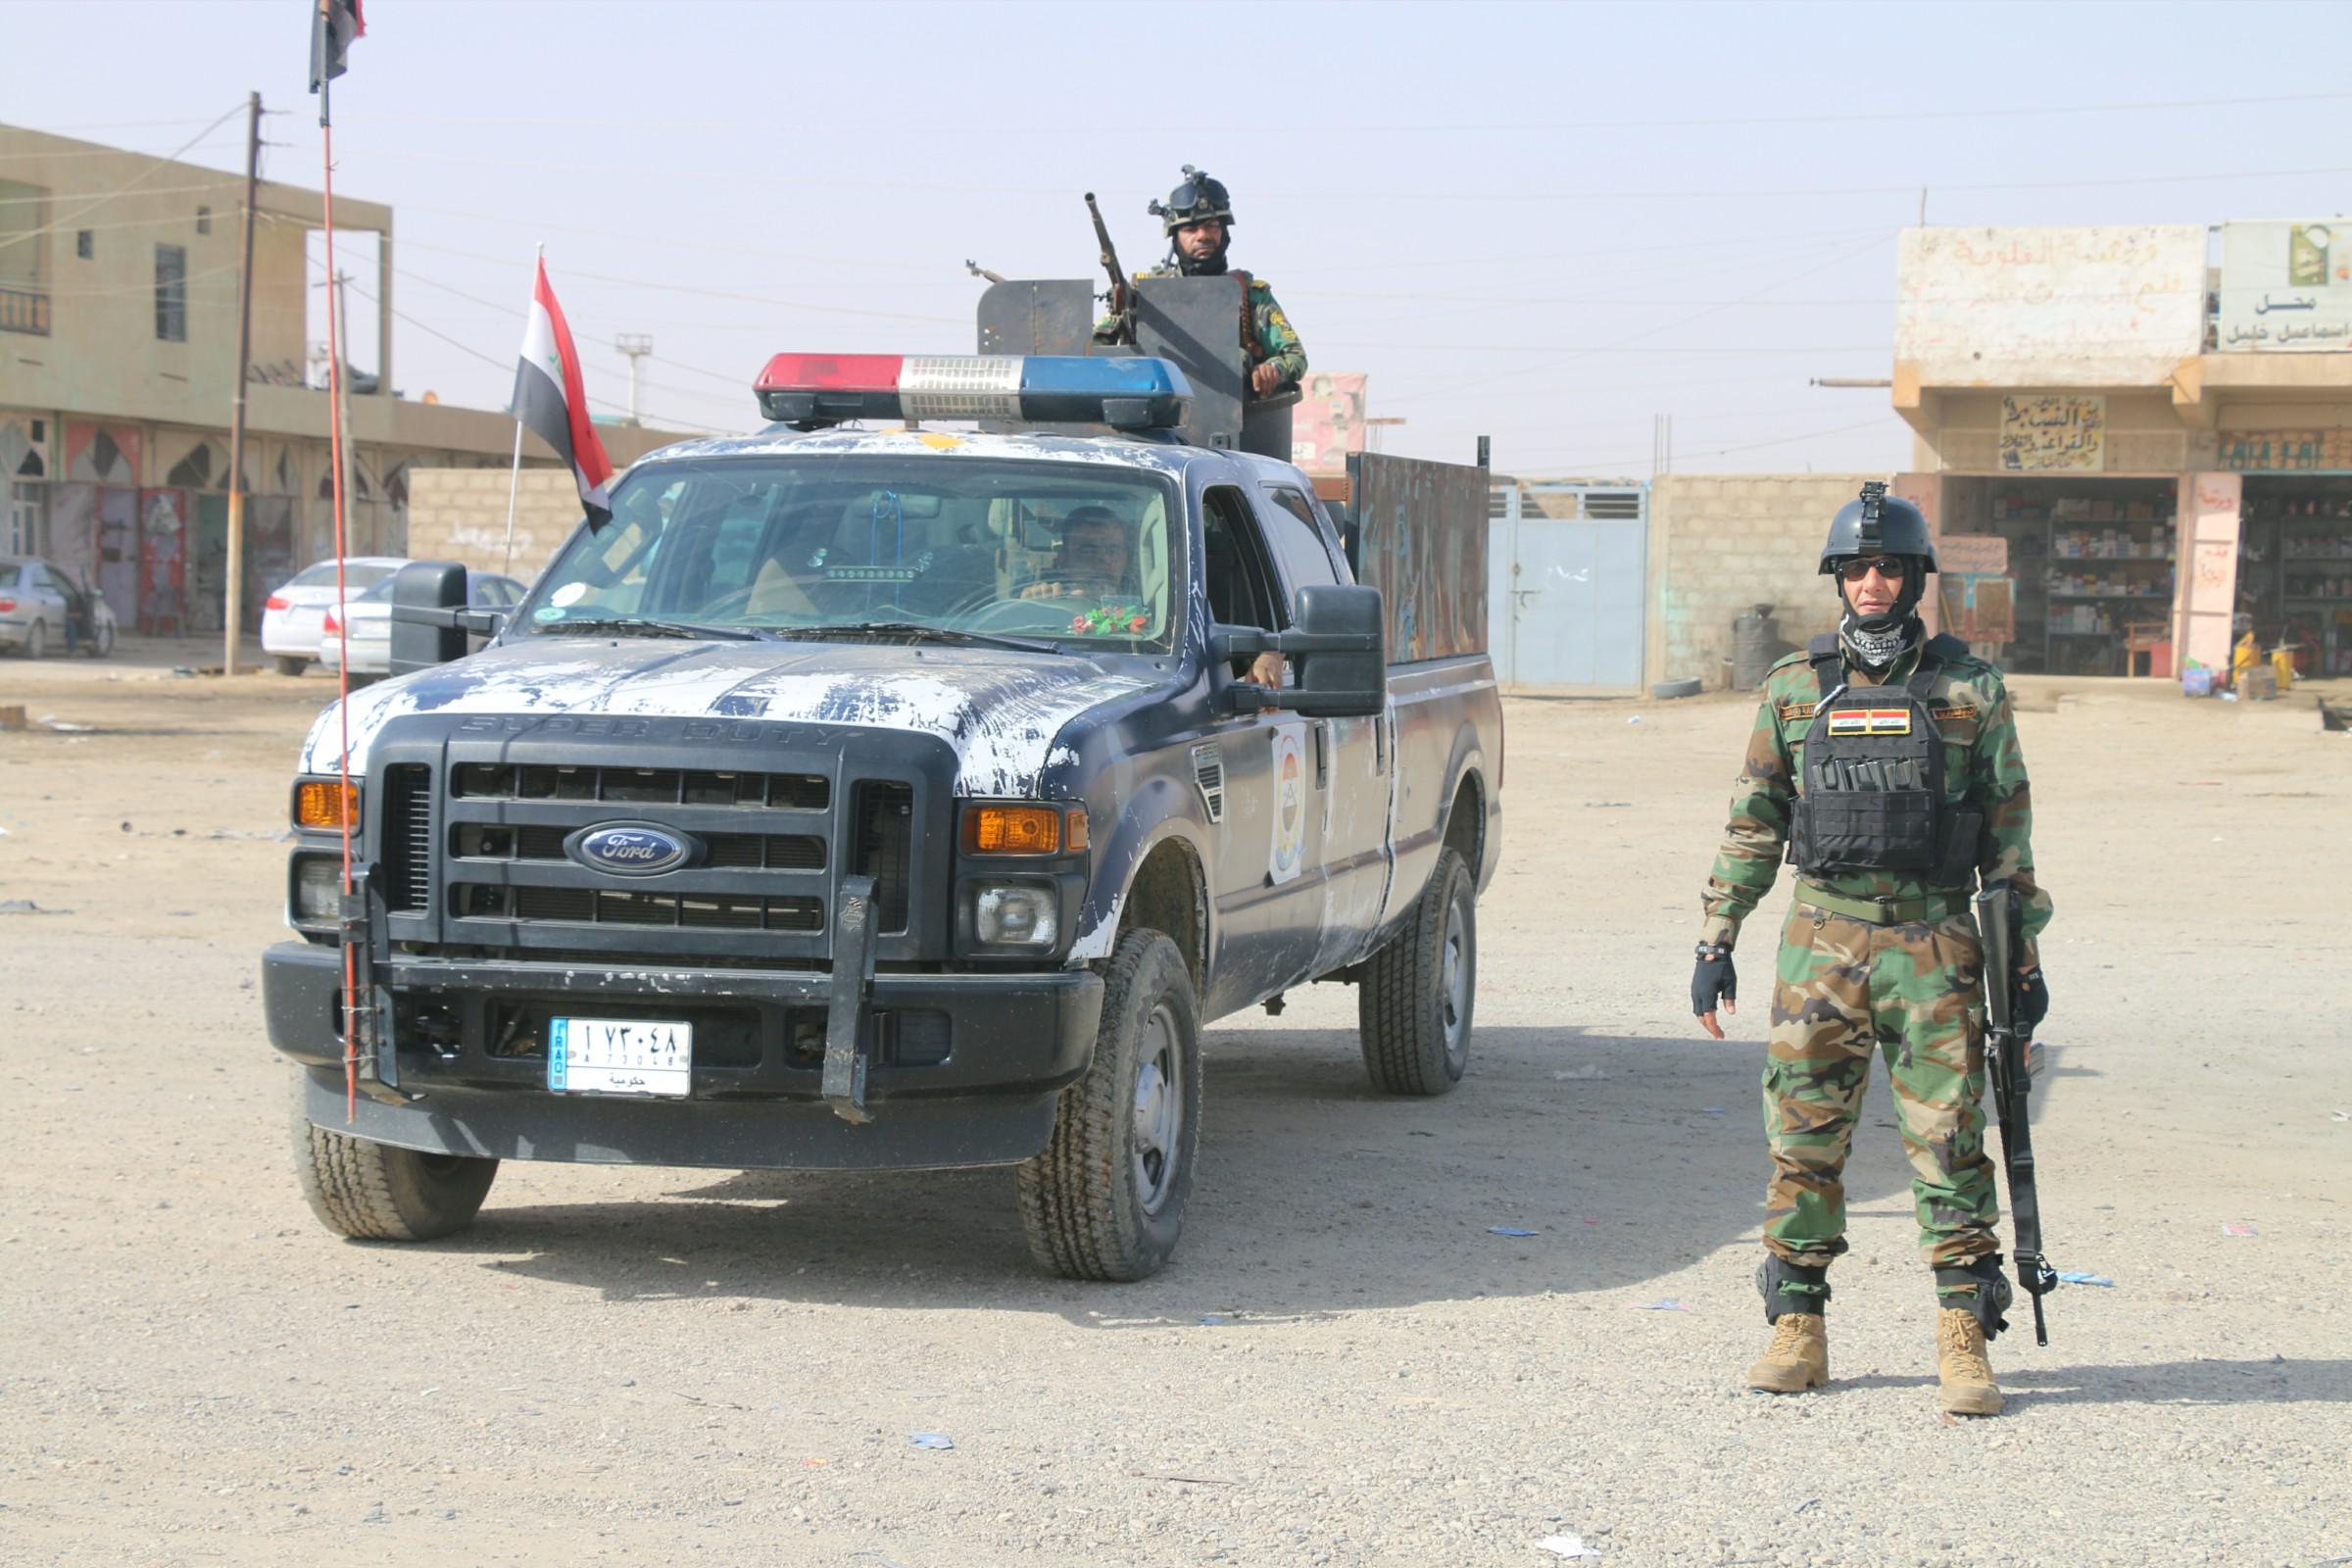 امنية الأنبار تطالب رزيج بإعادة فتح مركز شرطة في ناحية الفرات